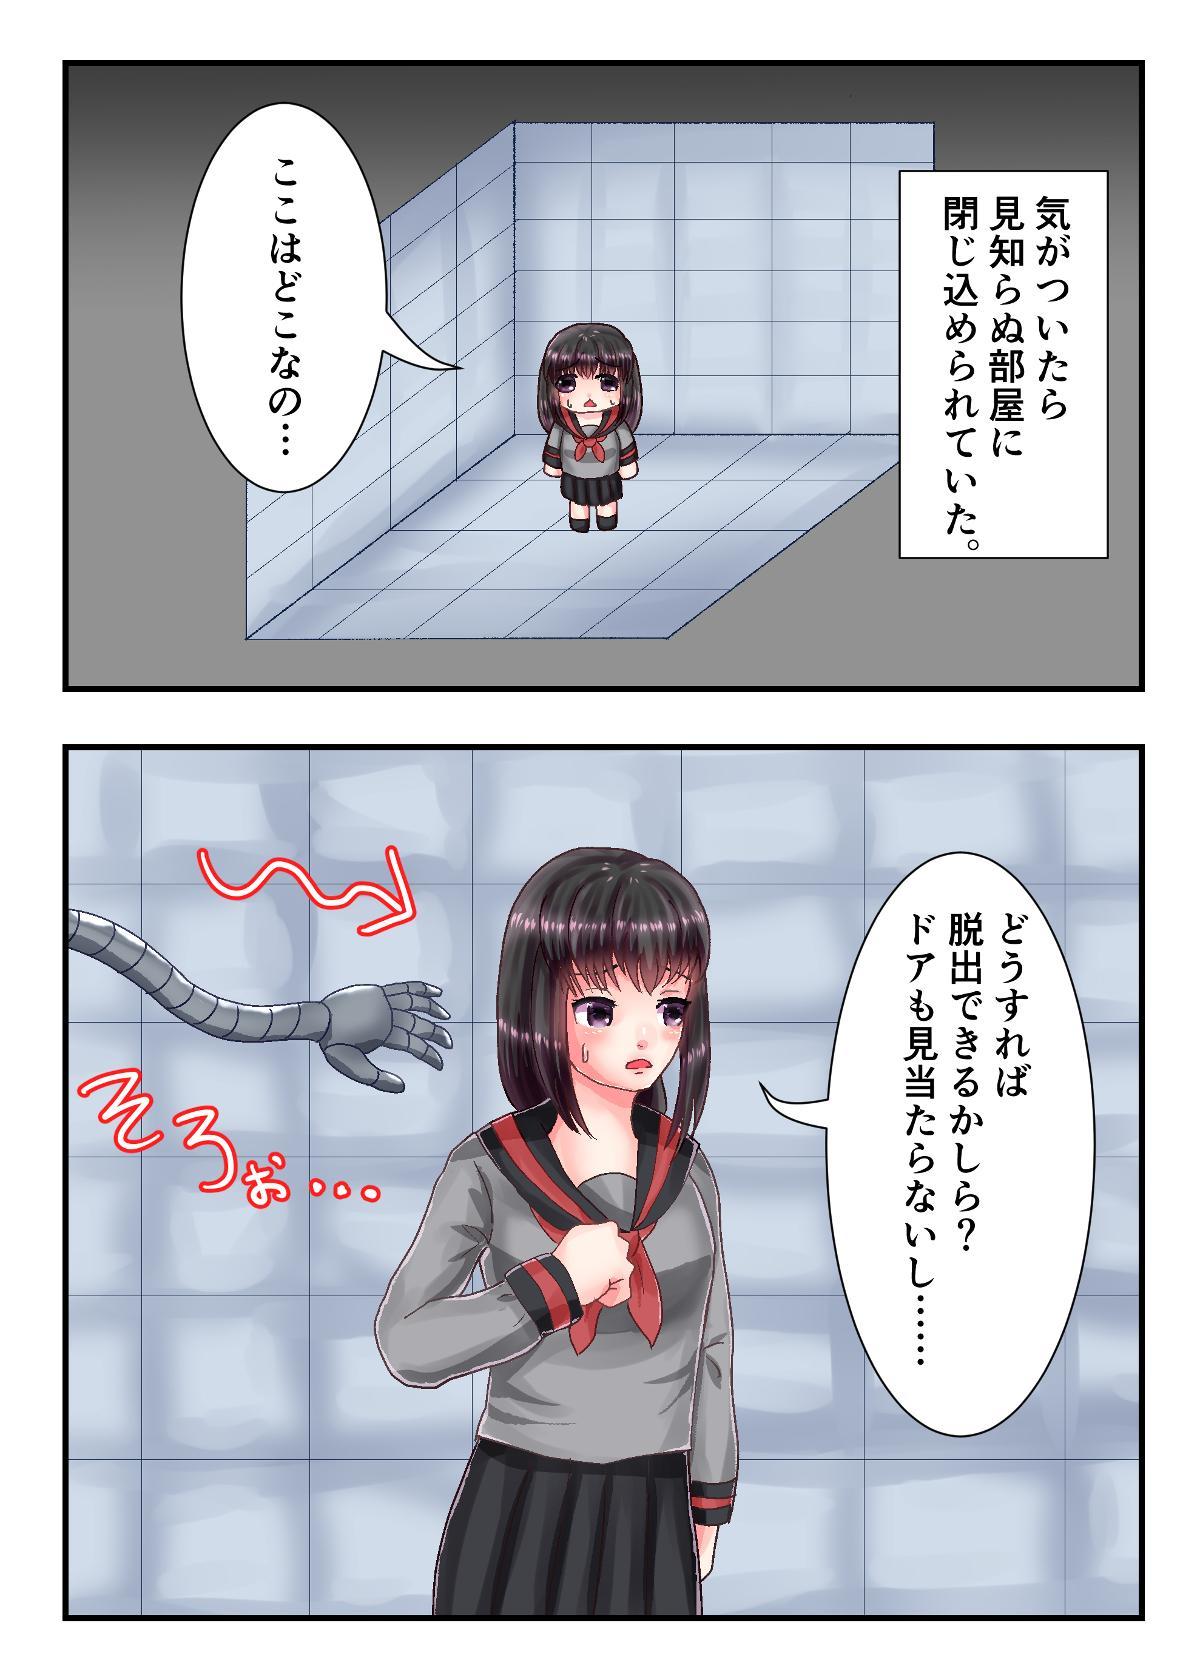 Kurokami Joshi o Kusuguru dake no All Color Eromanga 1